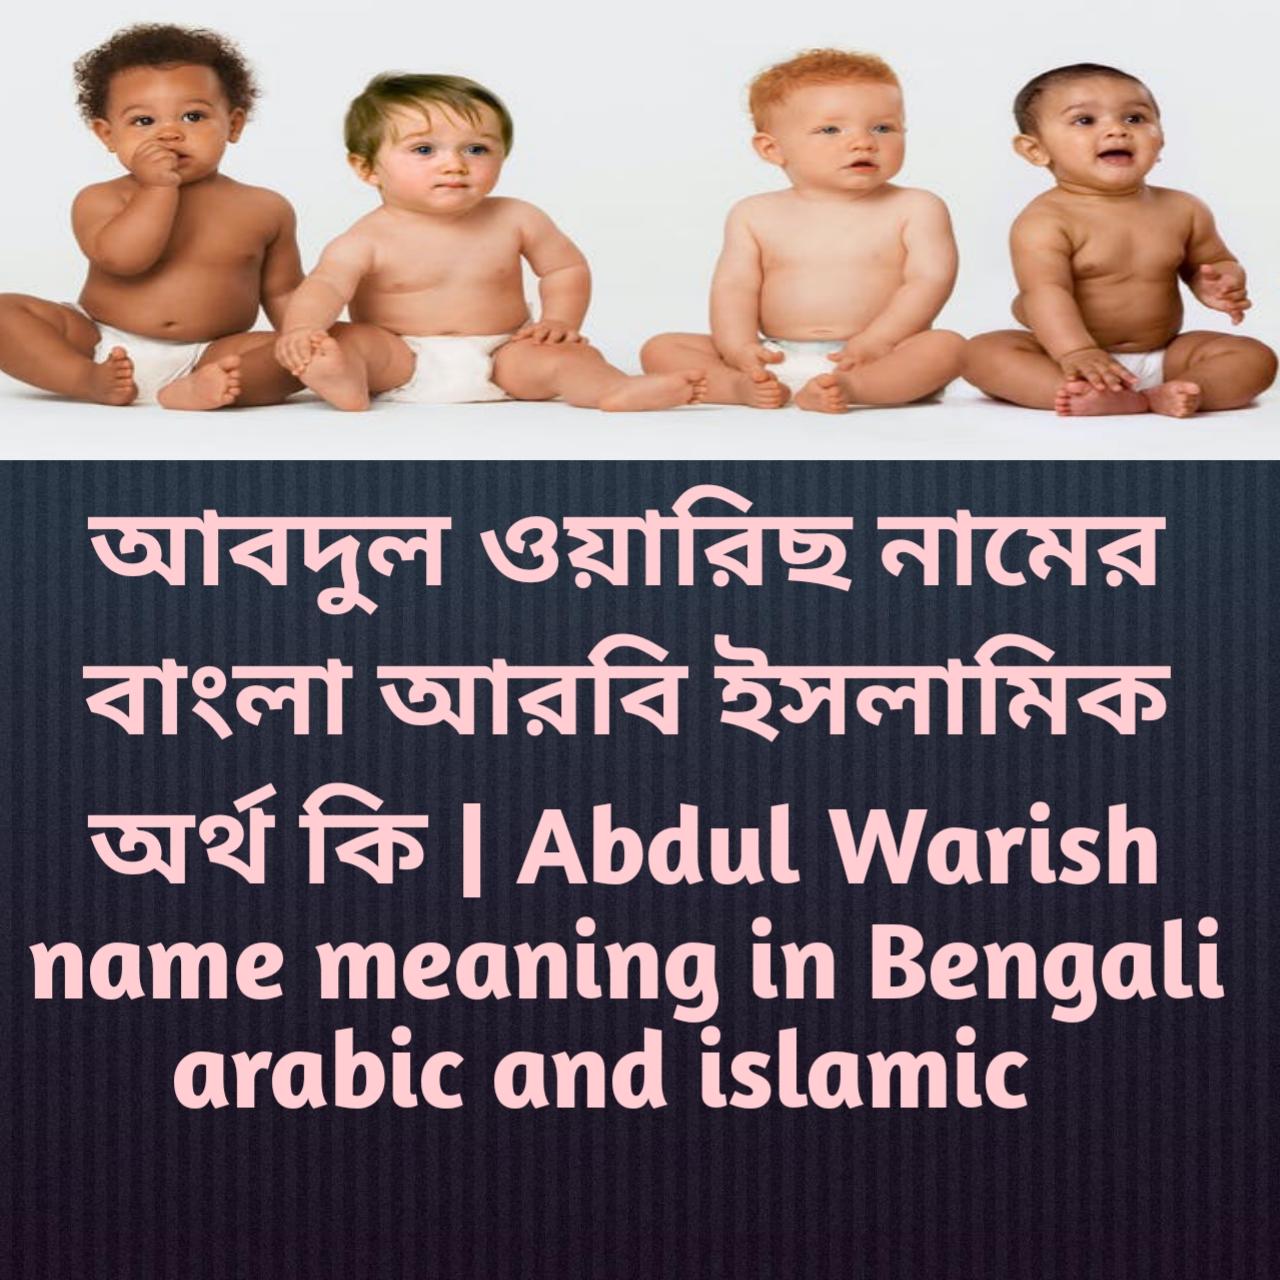 আবদুল ওয়ারিছ নামের অর্থ কি, আবদুল ওয়ারিছ নামের বাংলা অর্থ কি, আবদুল ওয়ারিছ নামের ইসলামিক অর্থ কি, Abdul Warish name meaning in Bengali, আবদুল ওয়ারিছ কি ইসলামিক নাম,